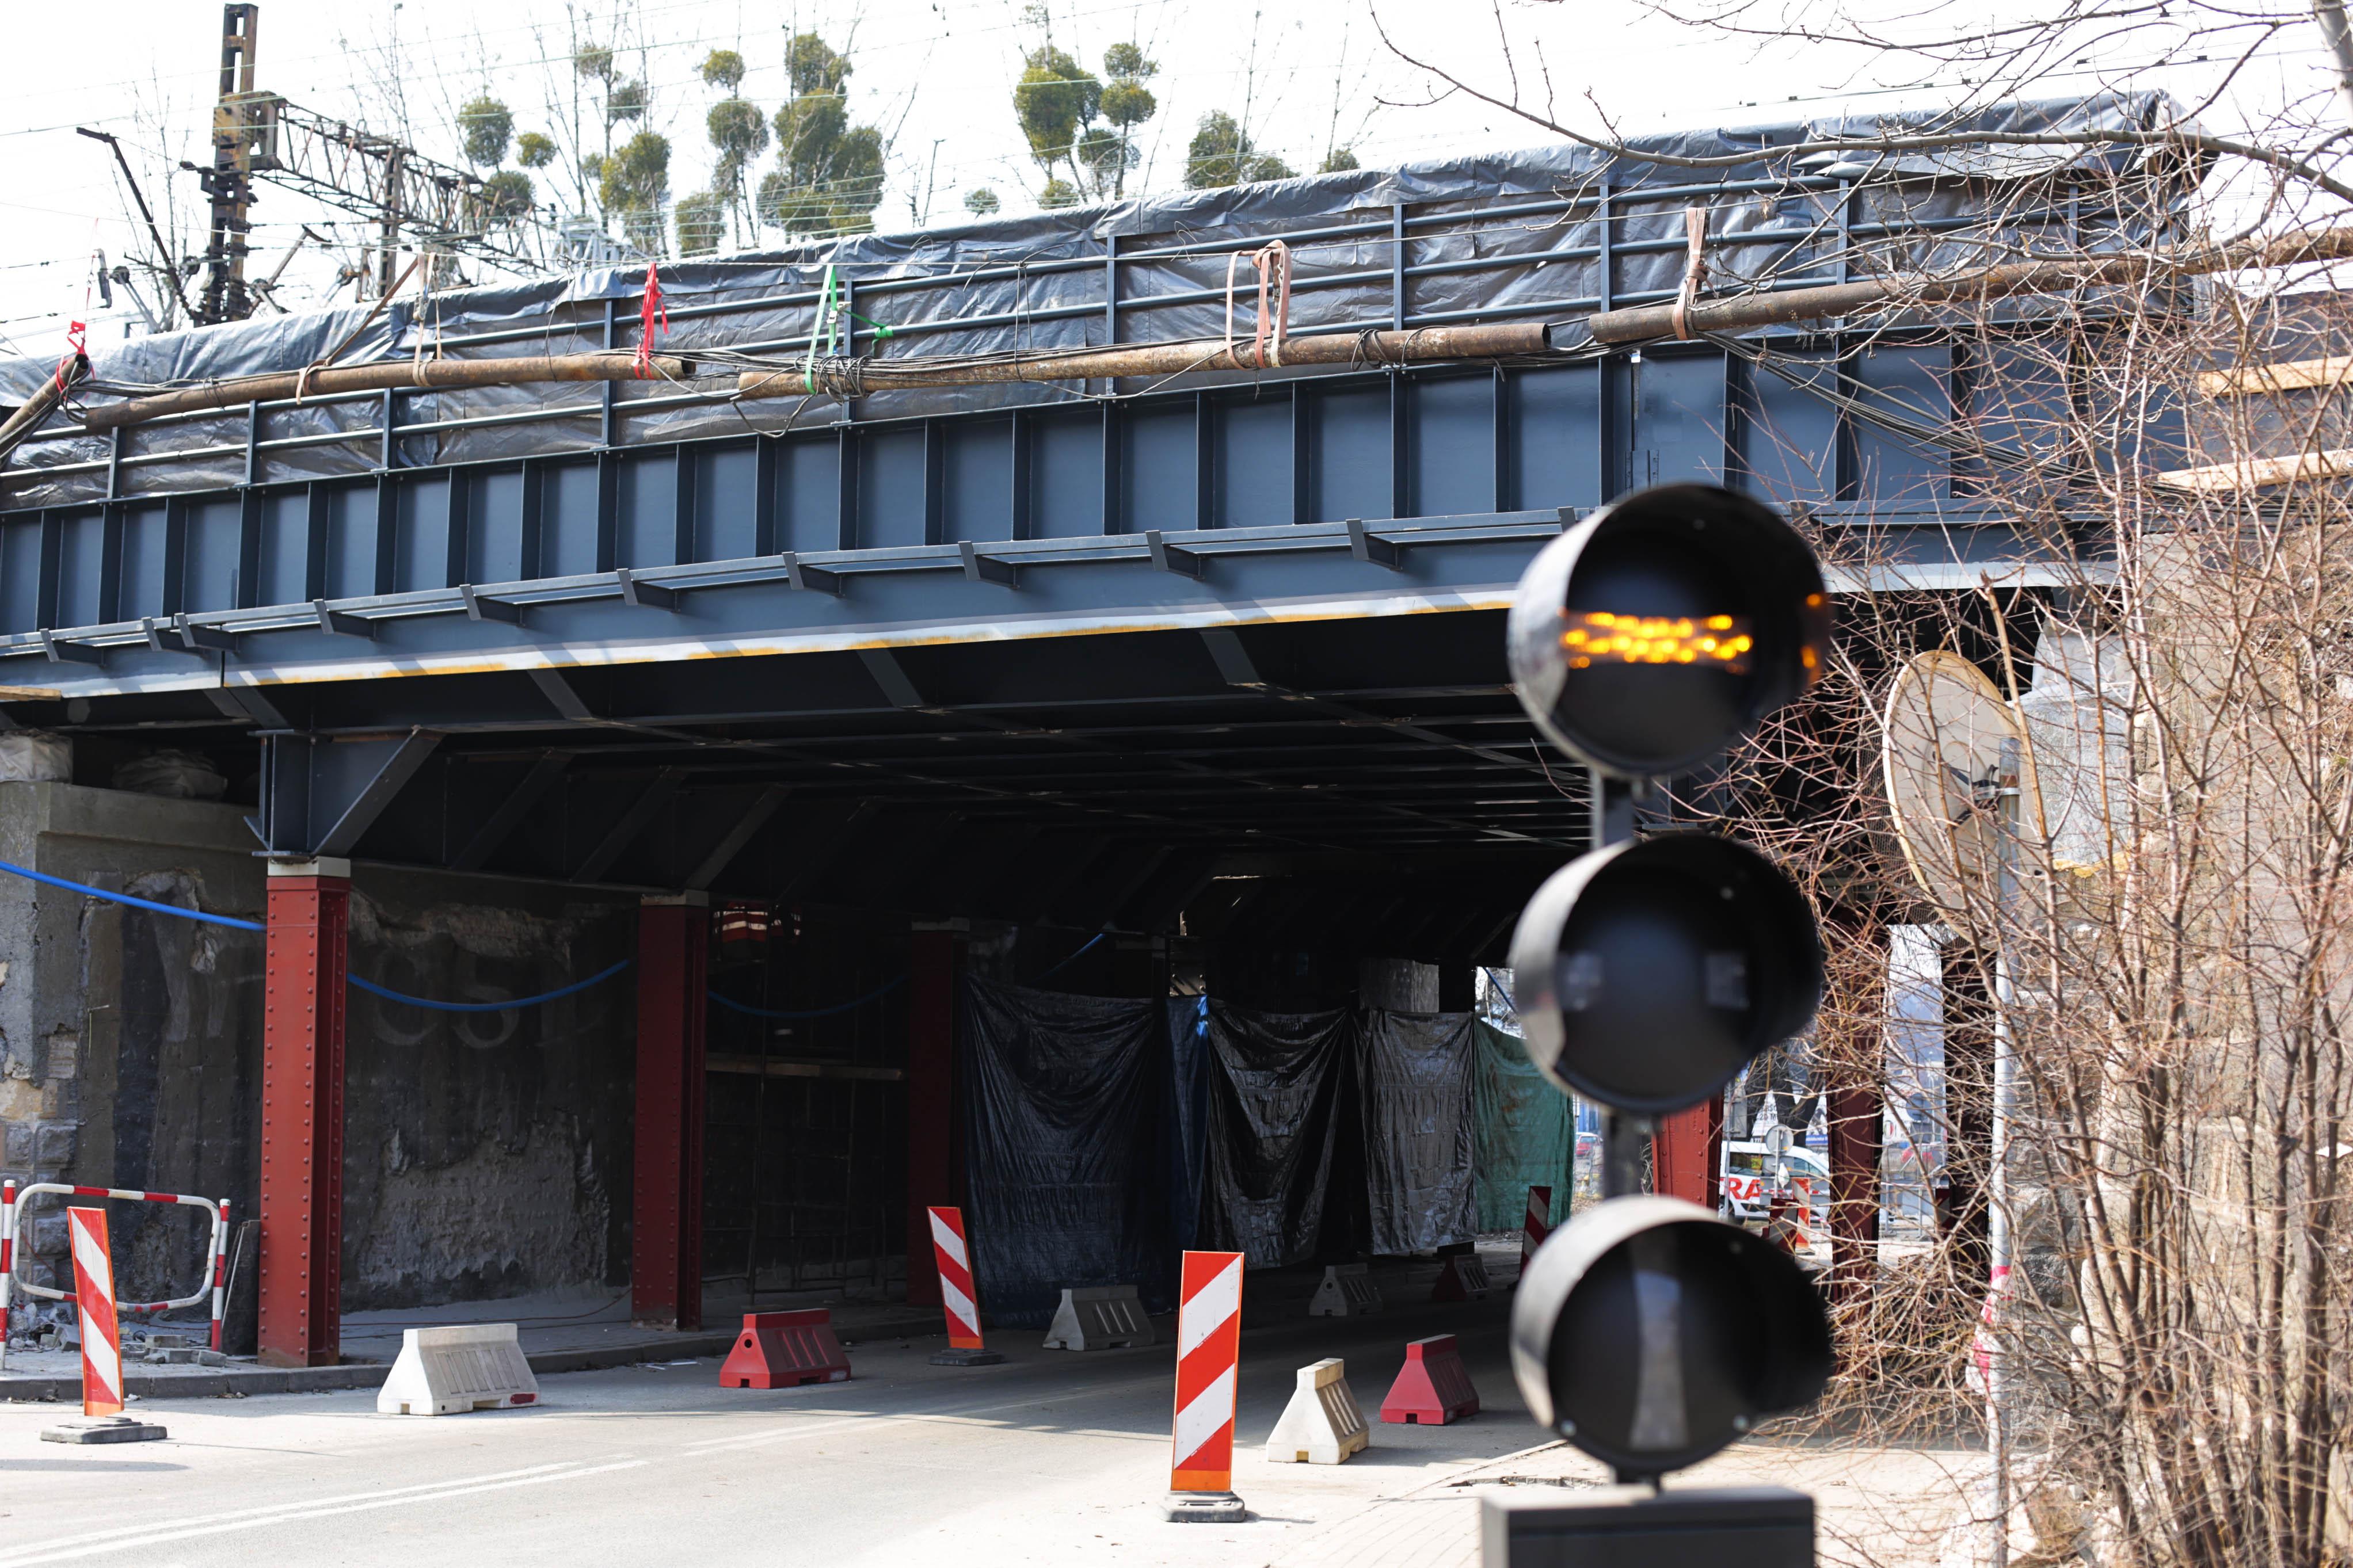 Obrazek: wiadukt na Chwałowickiej w trakcie zmian